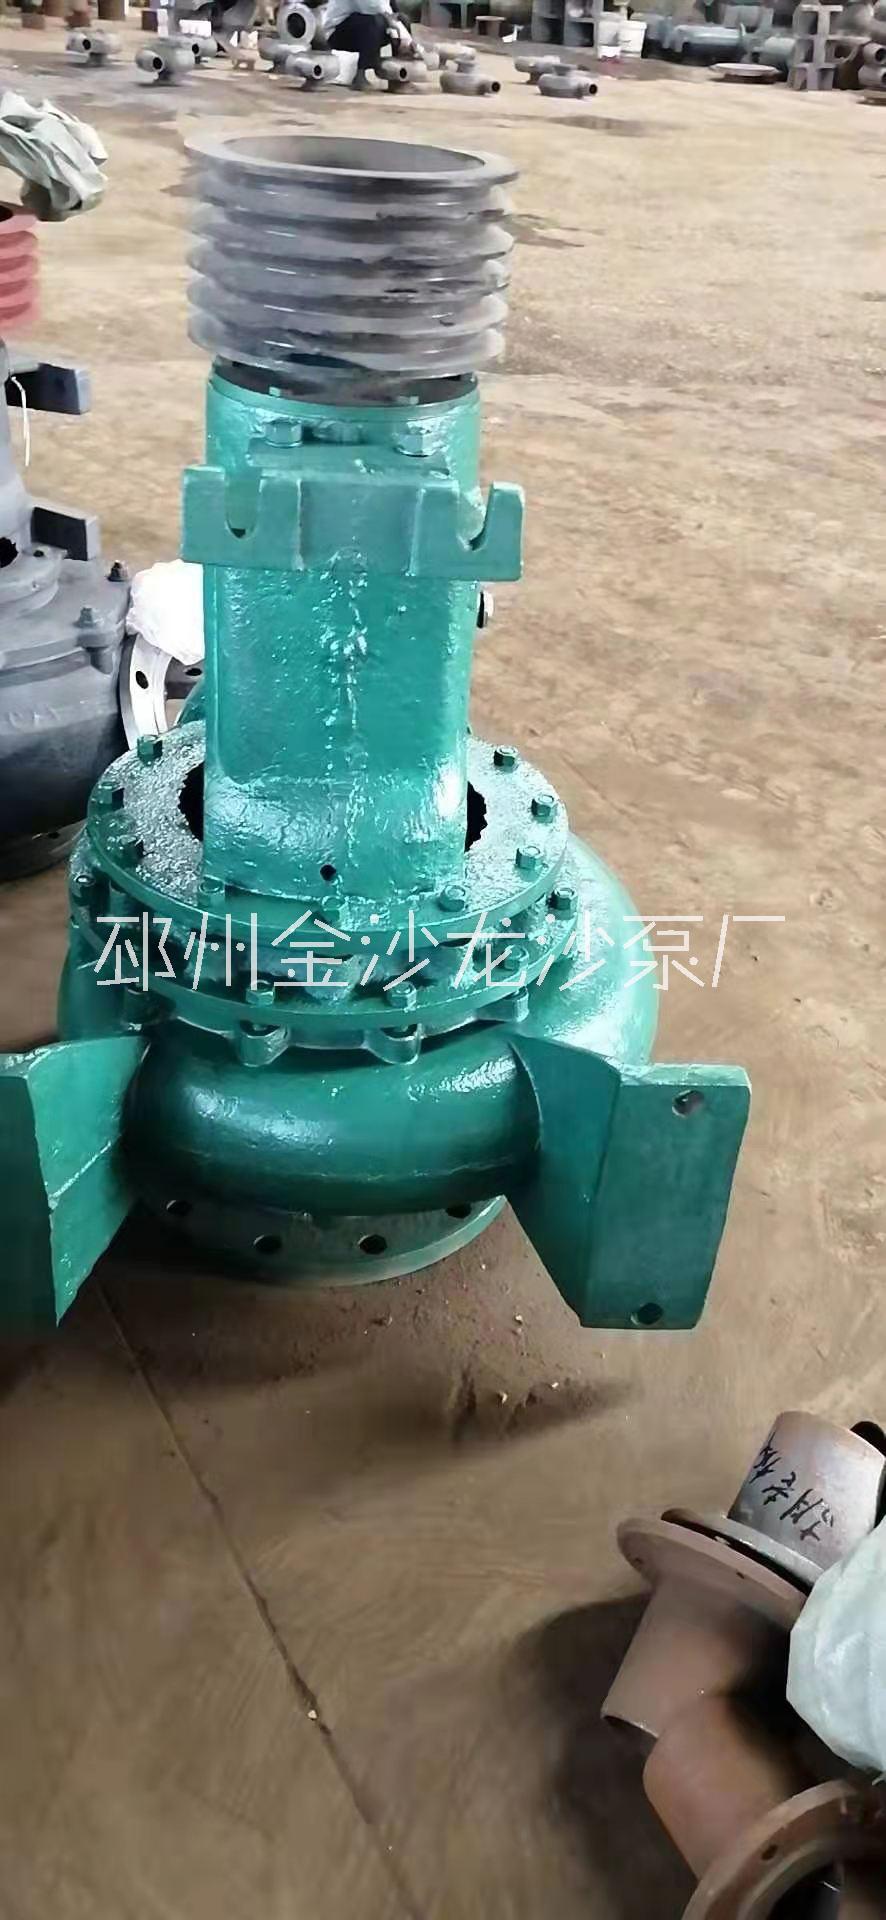 湖南12寸高压注水泵厂家定做,湖南专业生产12寸高压注水泵厂家,湖南12寸高压注水泵报价价格